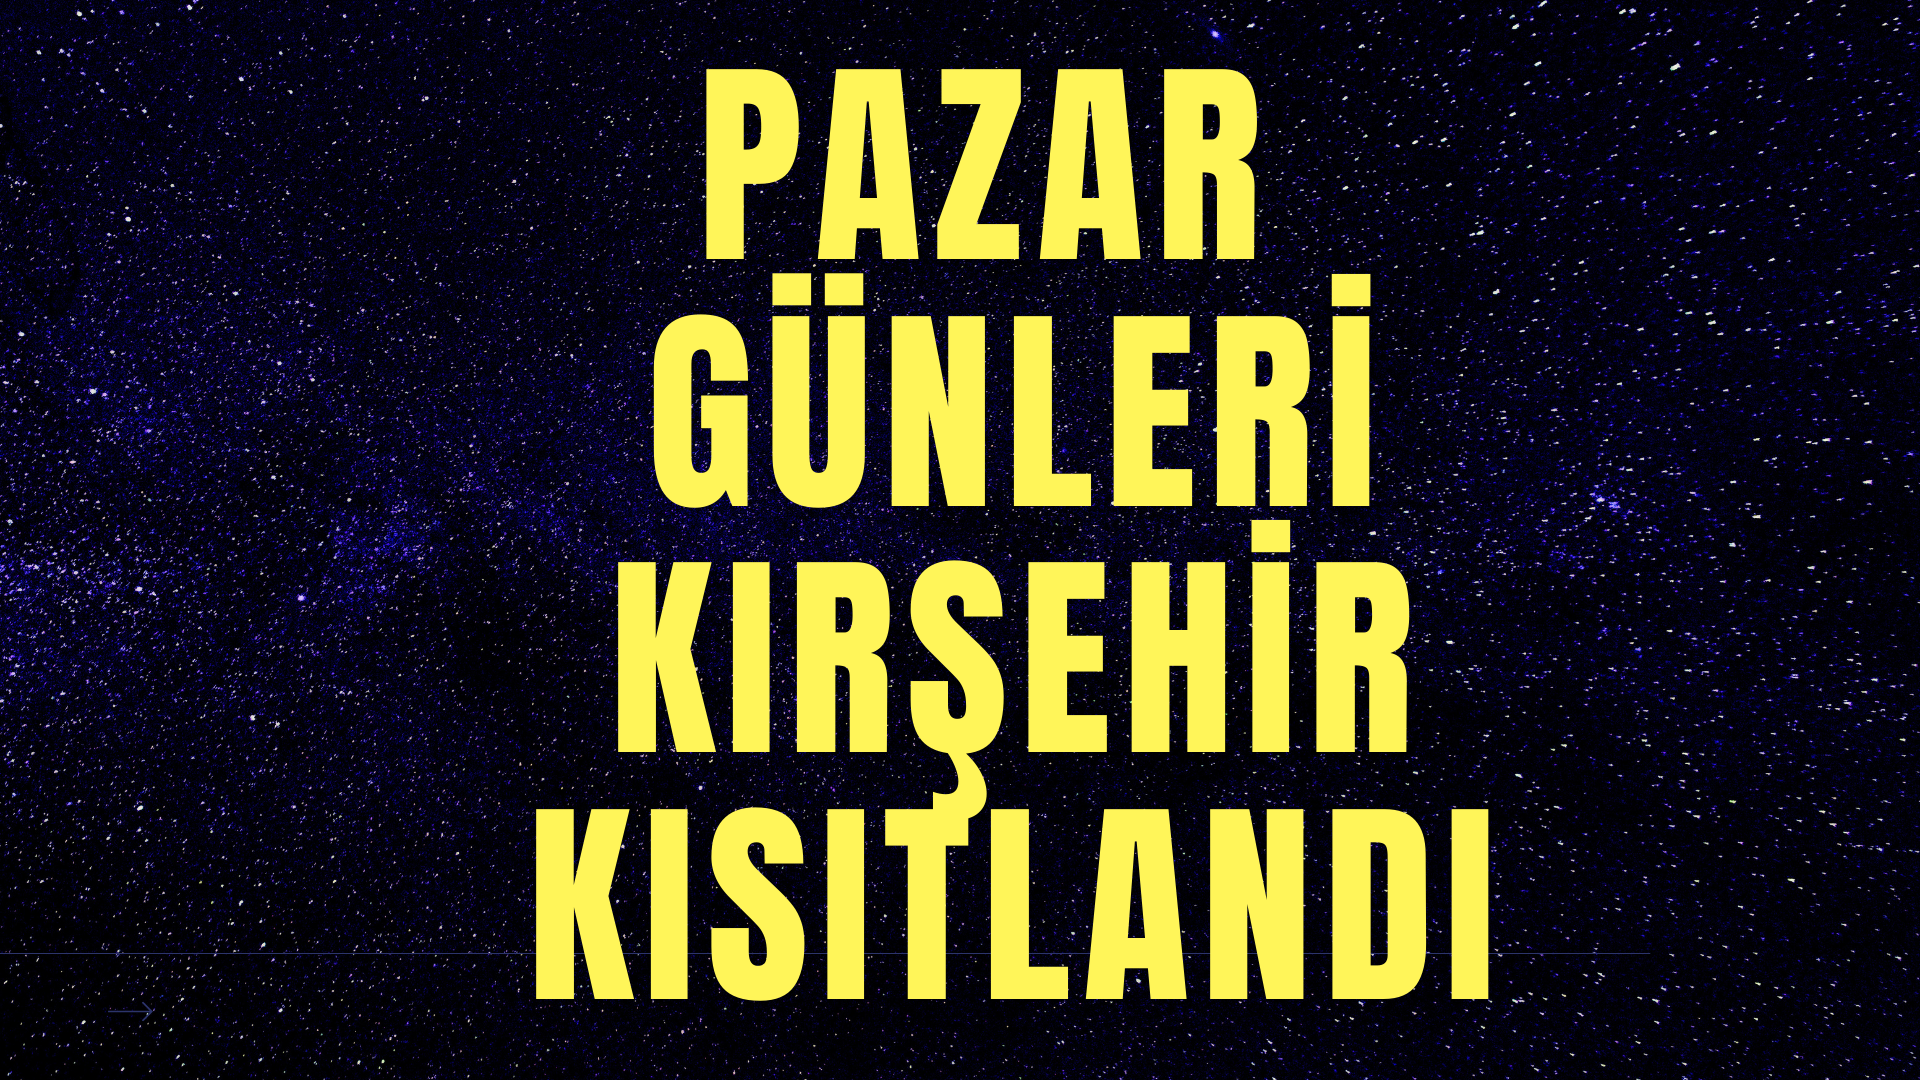 Kırşehir'de Pazar günleri kısıtlandı